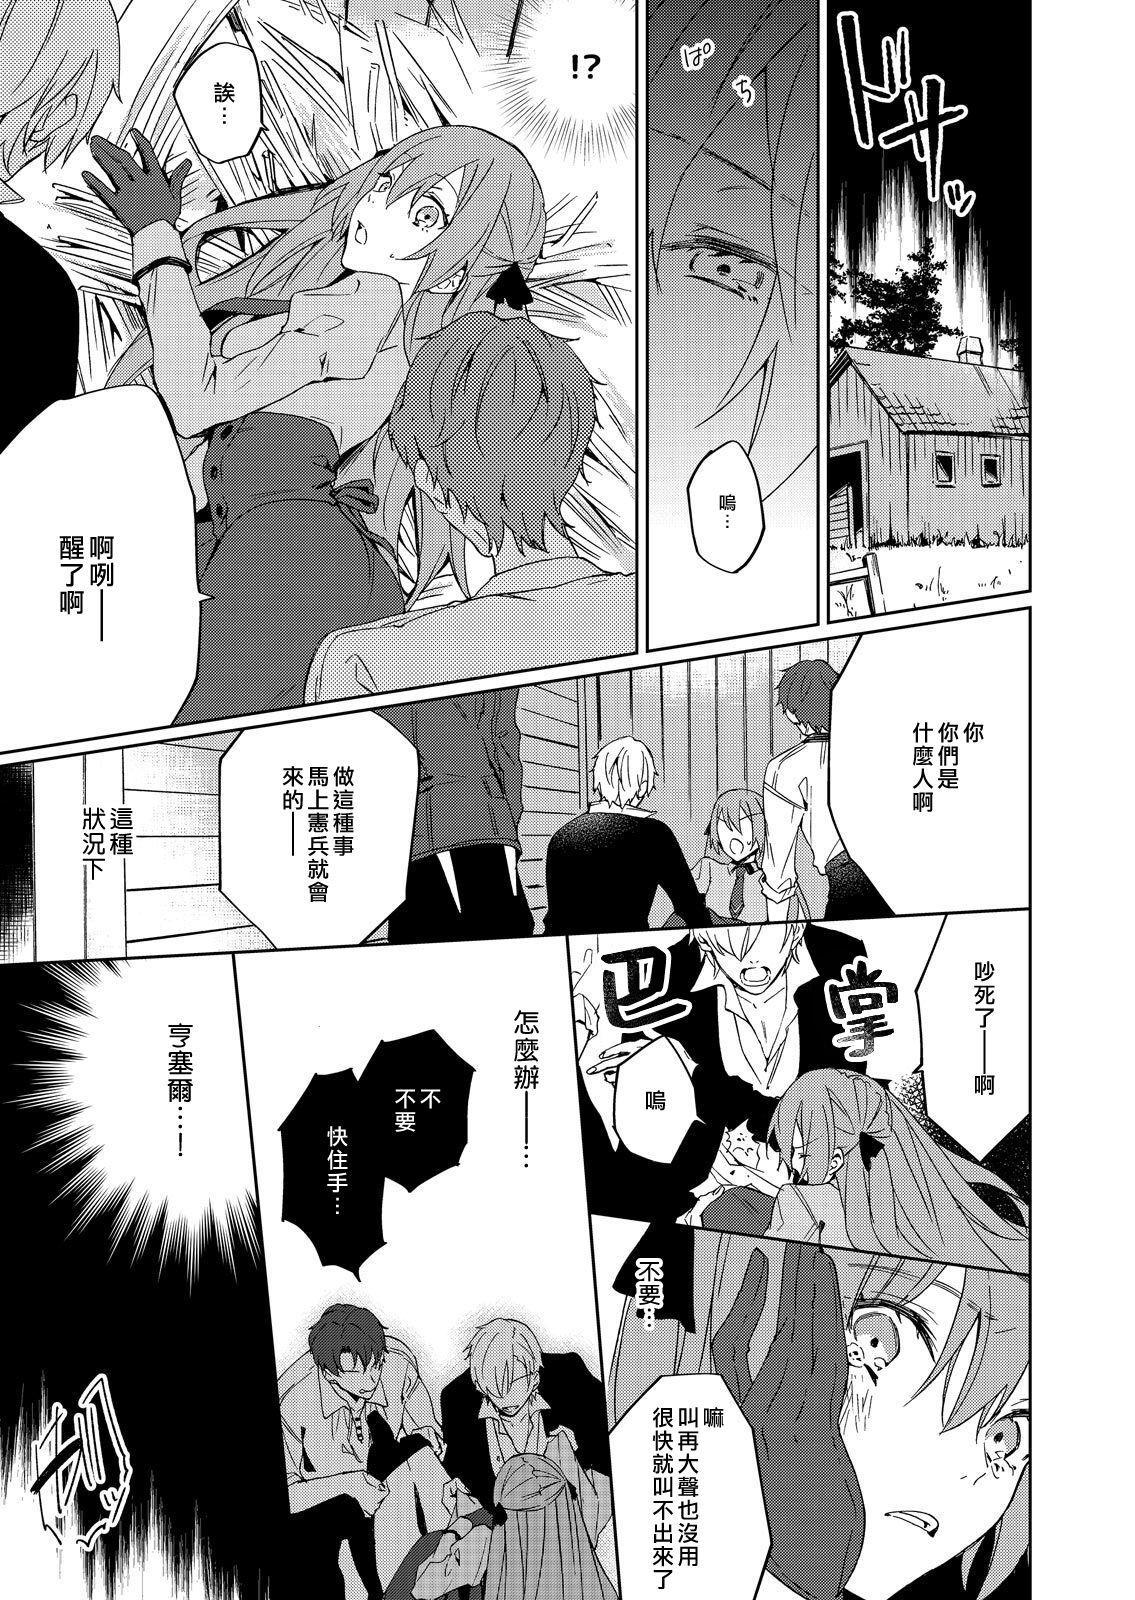 [Yuzushiwo] Akuyaku Reijou wa Ichizu ni Dekiai sarete ~Noumitsu Sex no Aite wa Juuboku~ | 被疯狂溺爱的反派大小姐~浓密性爱对象是仆从~ 1-5 [Chinese] [莉赛特汉化组] 70